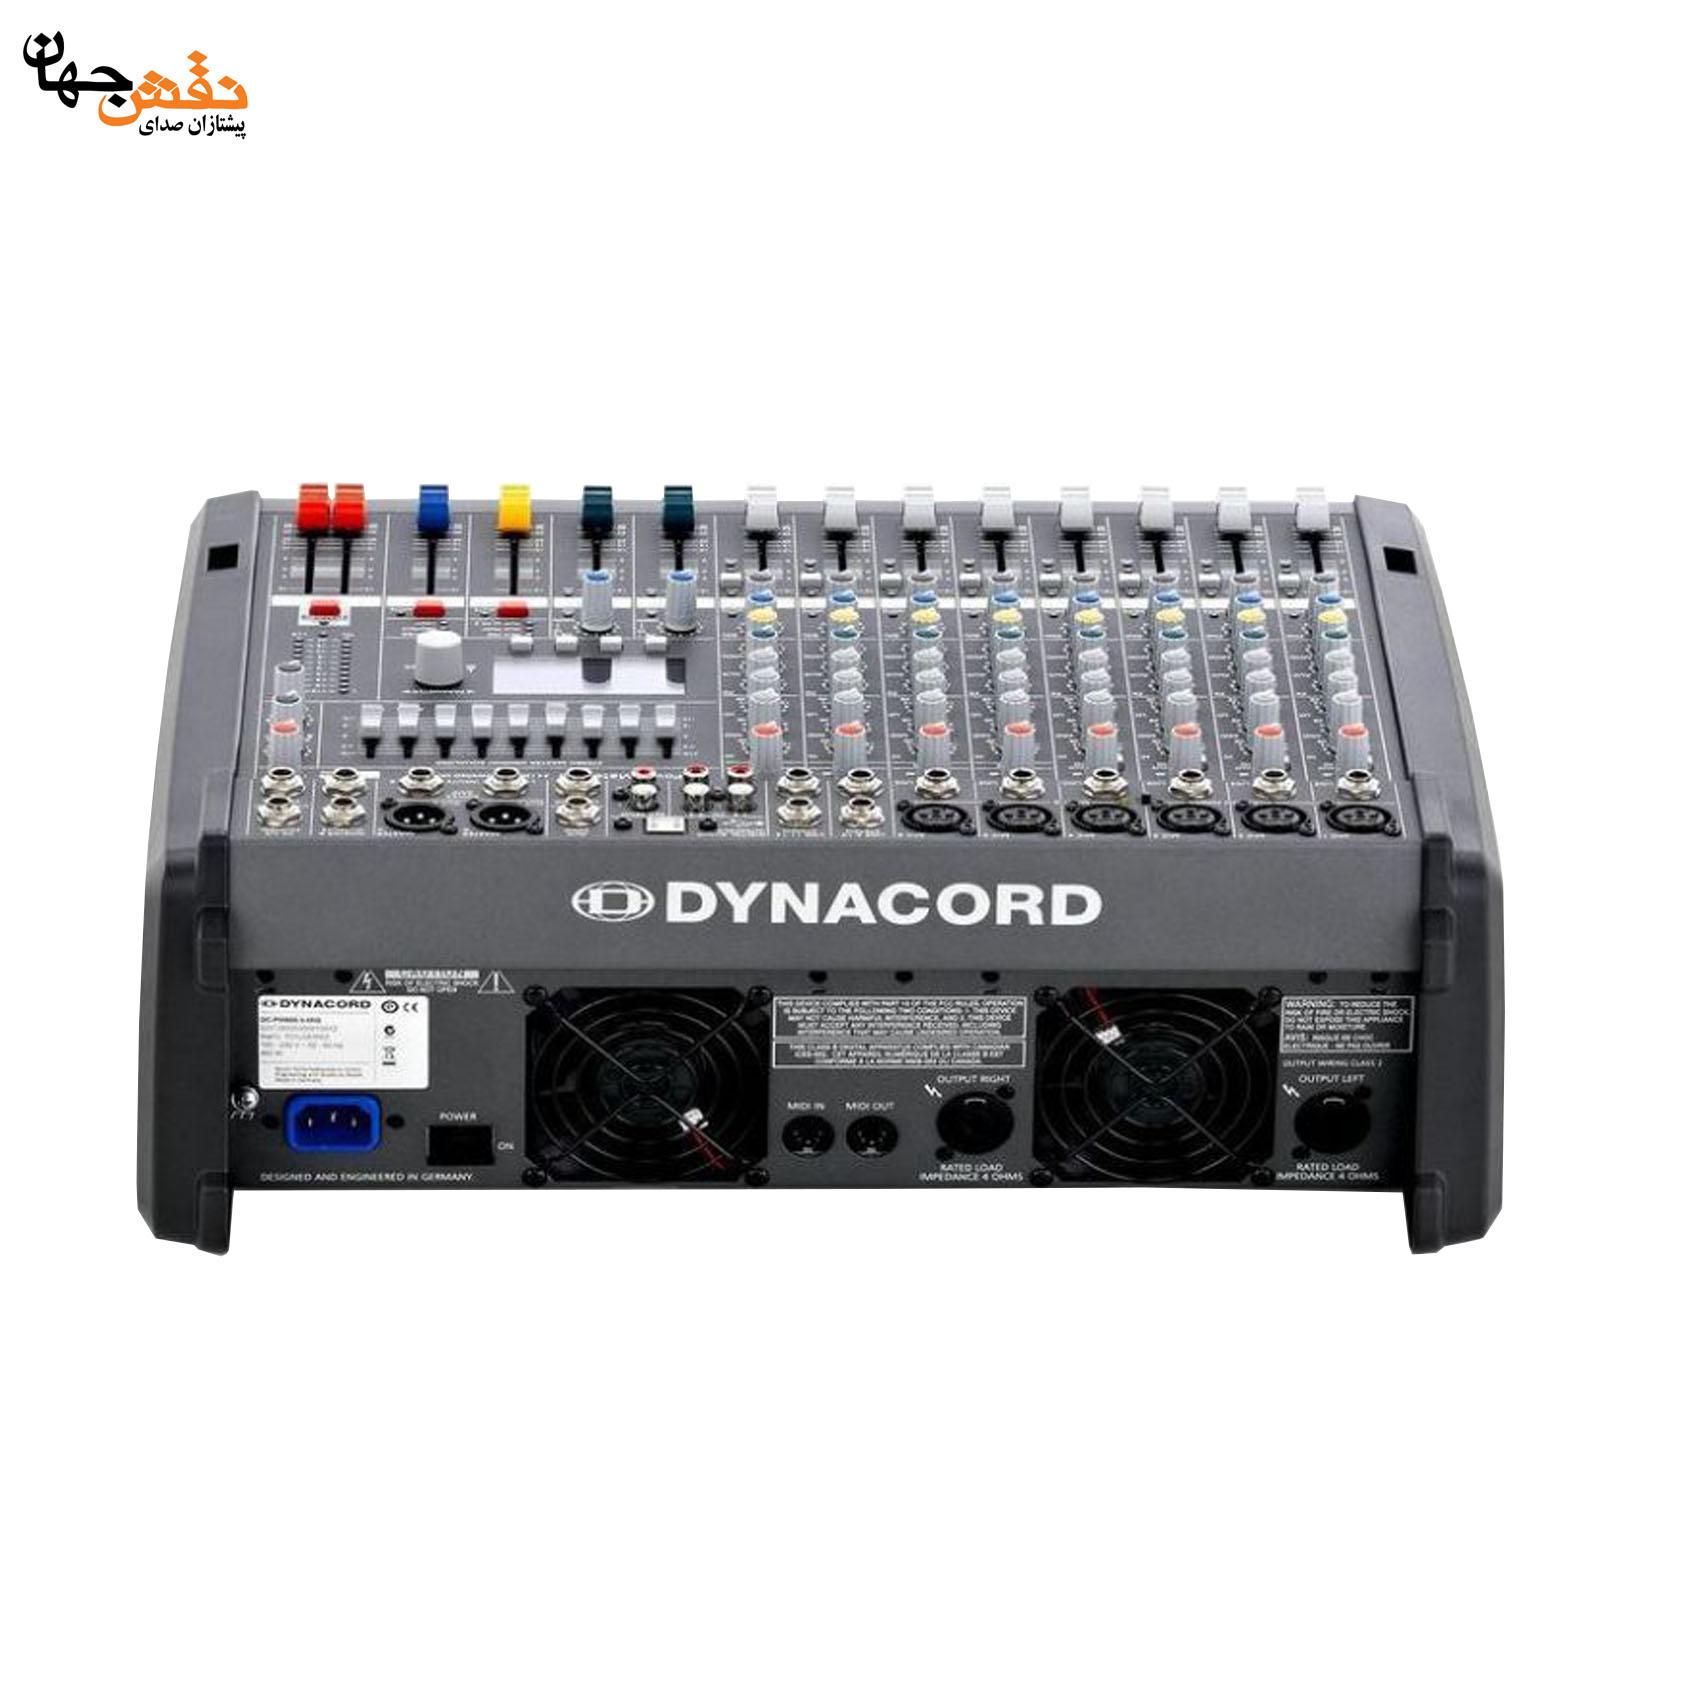 dynacord 2